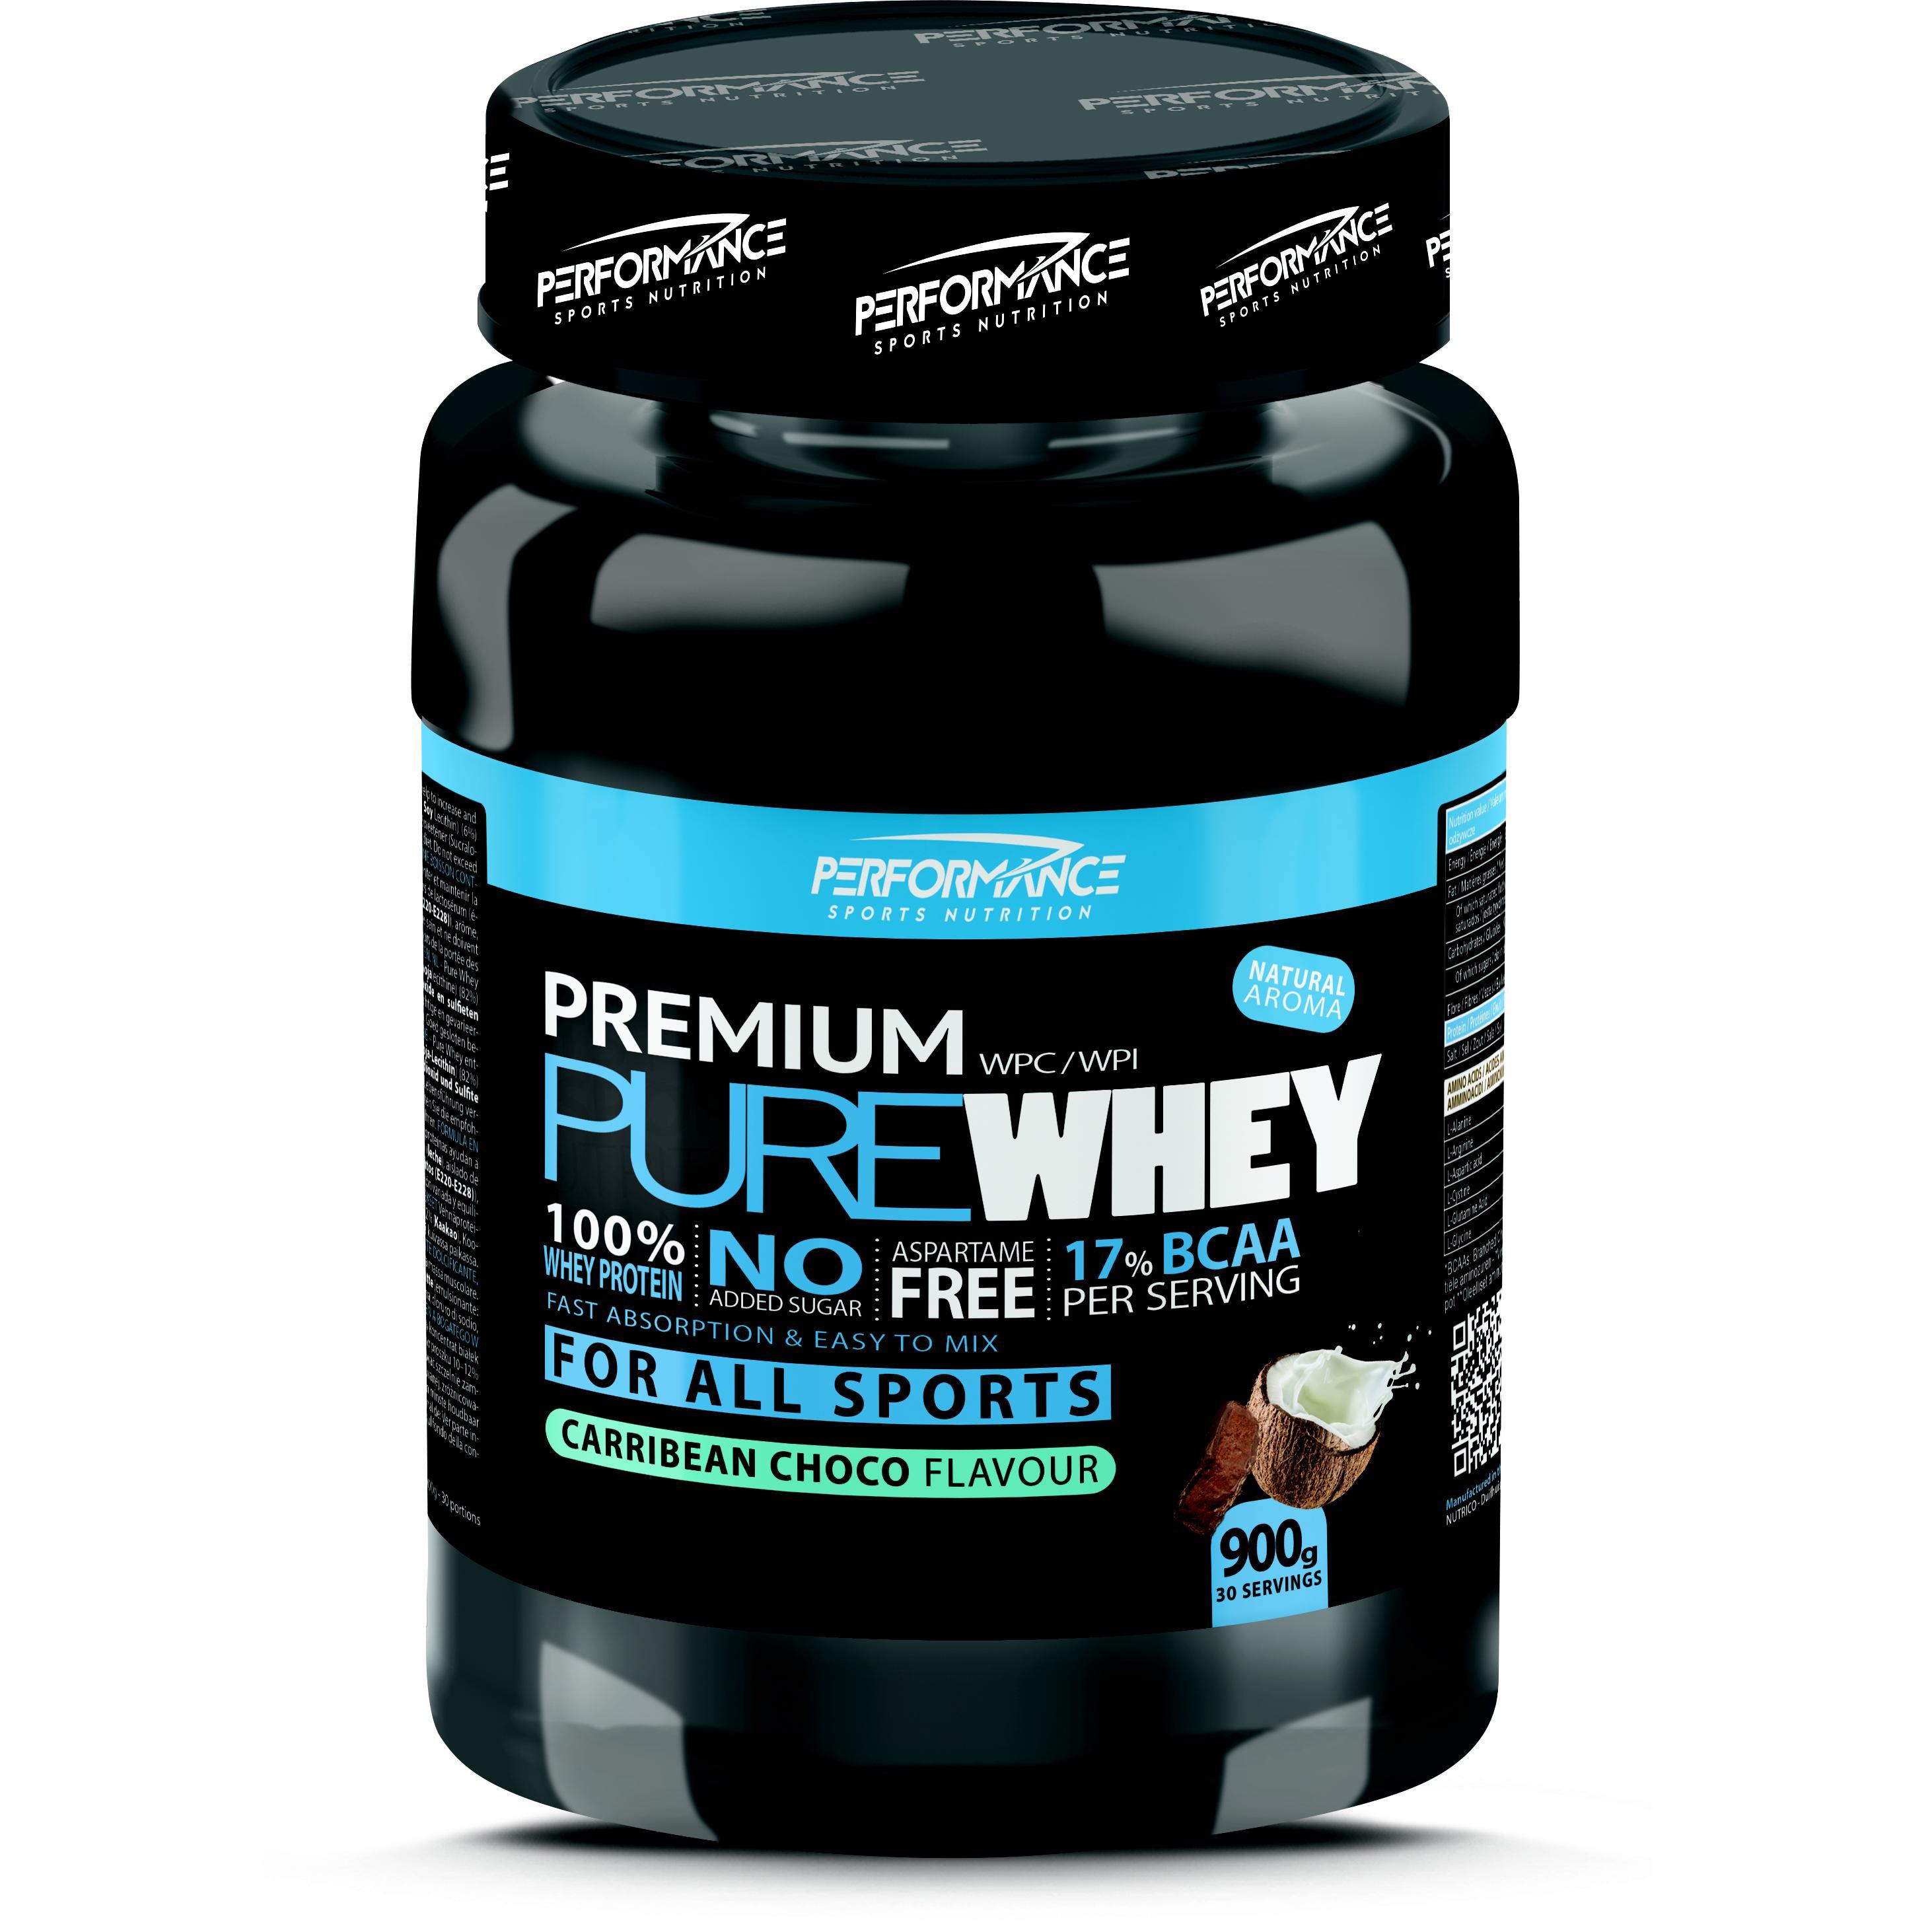 Performance Premium Pure Whey carribean chocolate